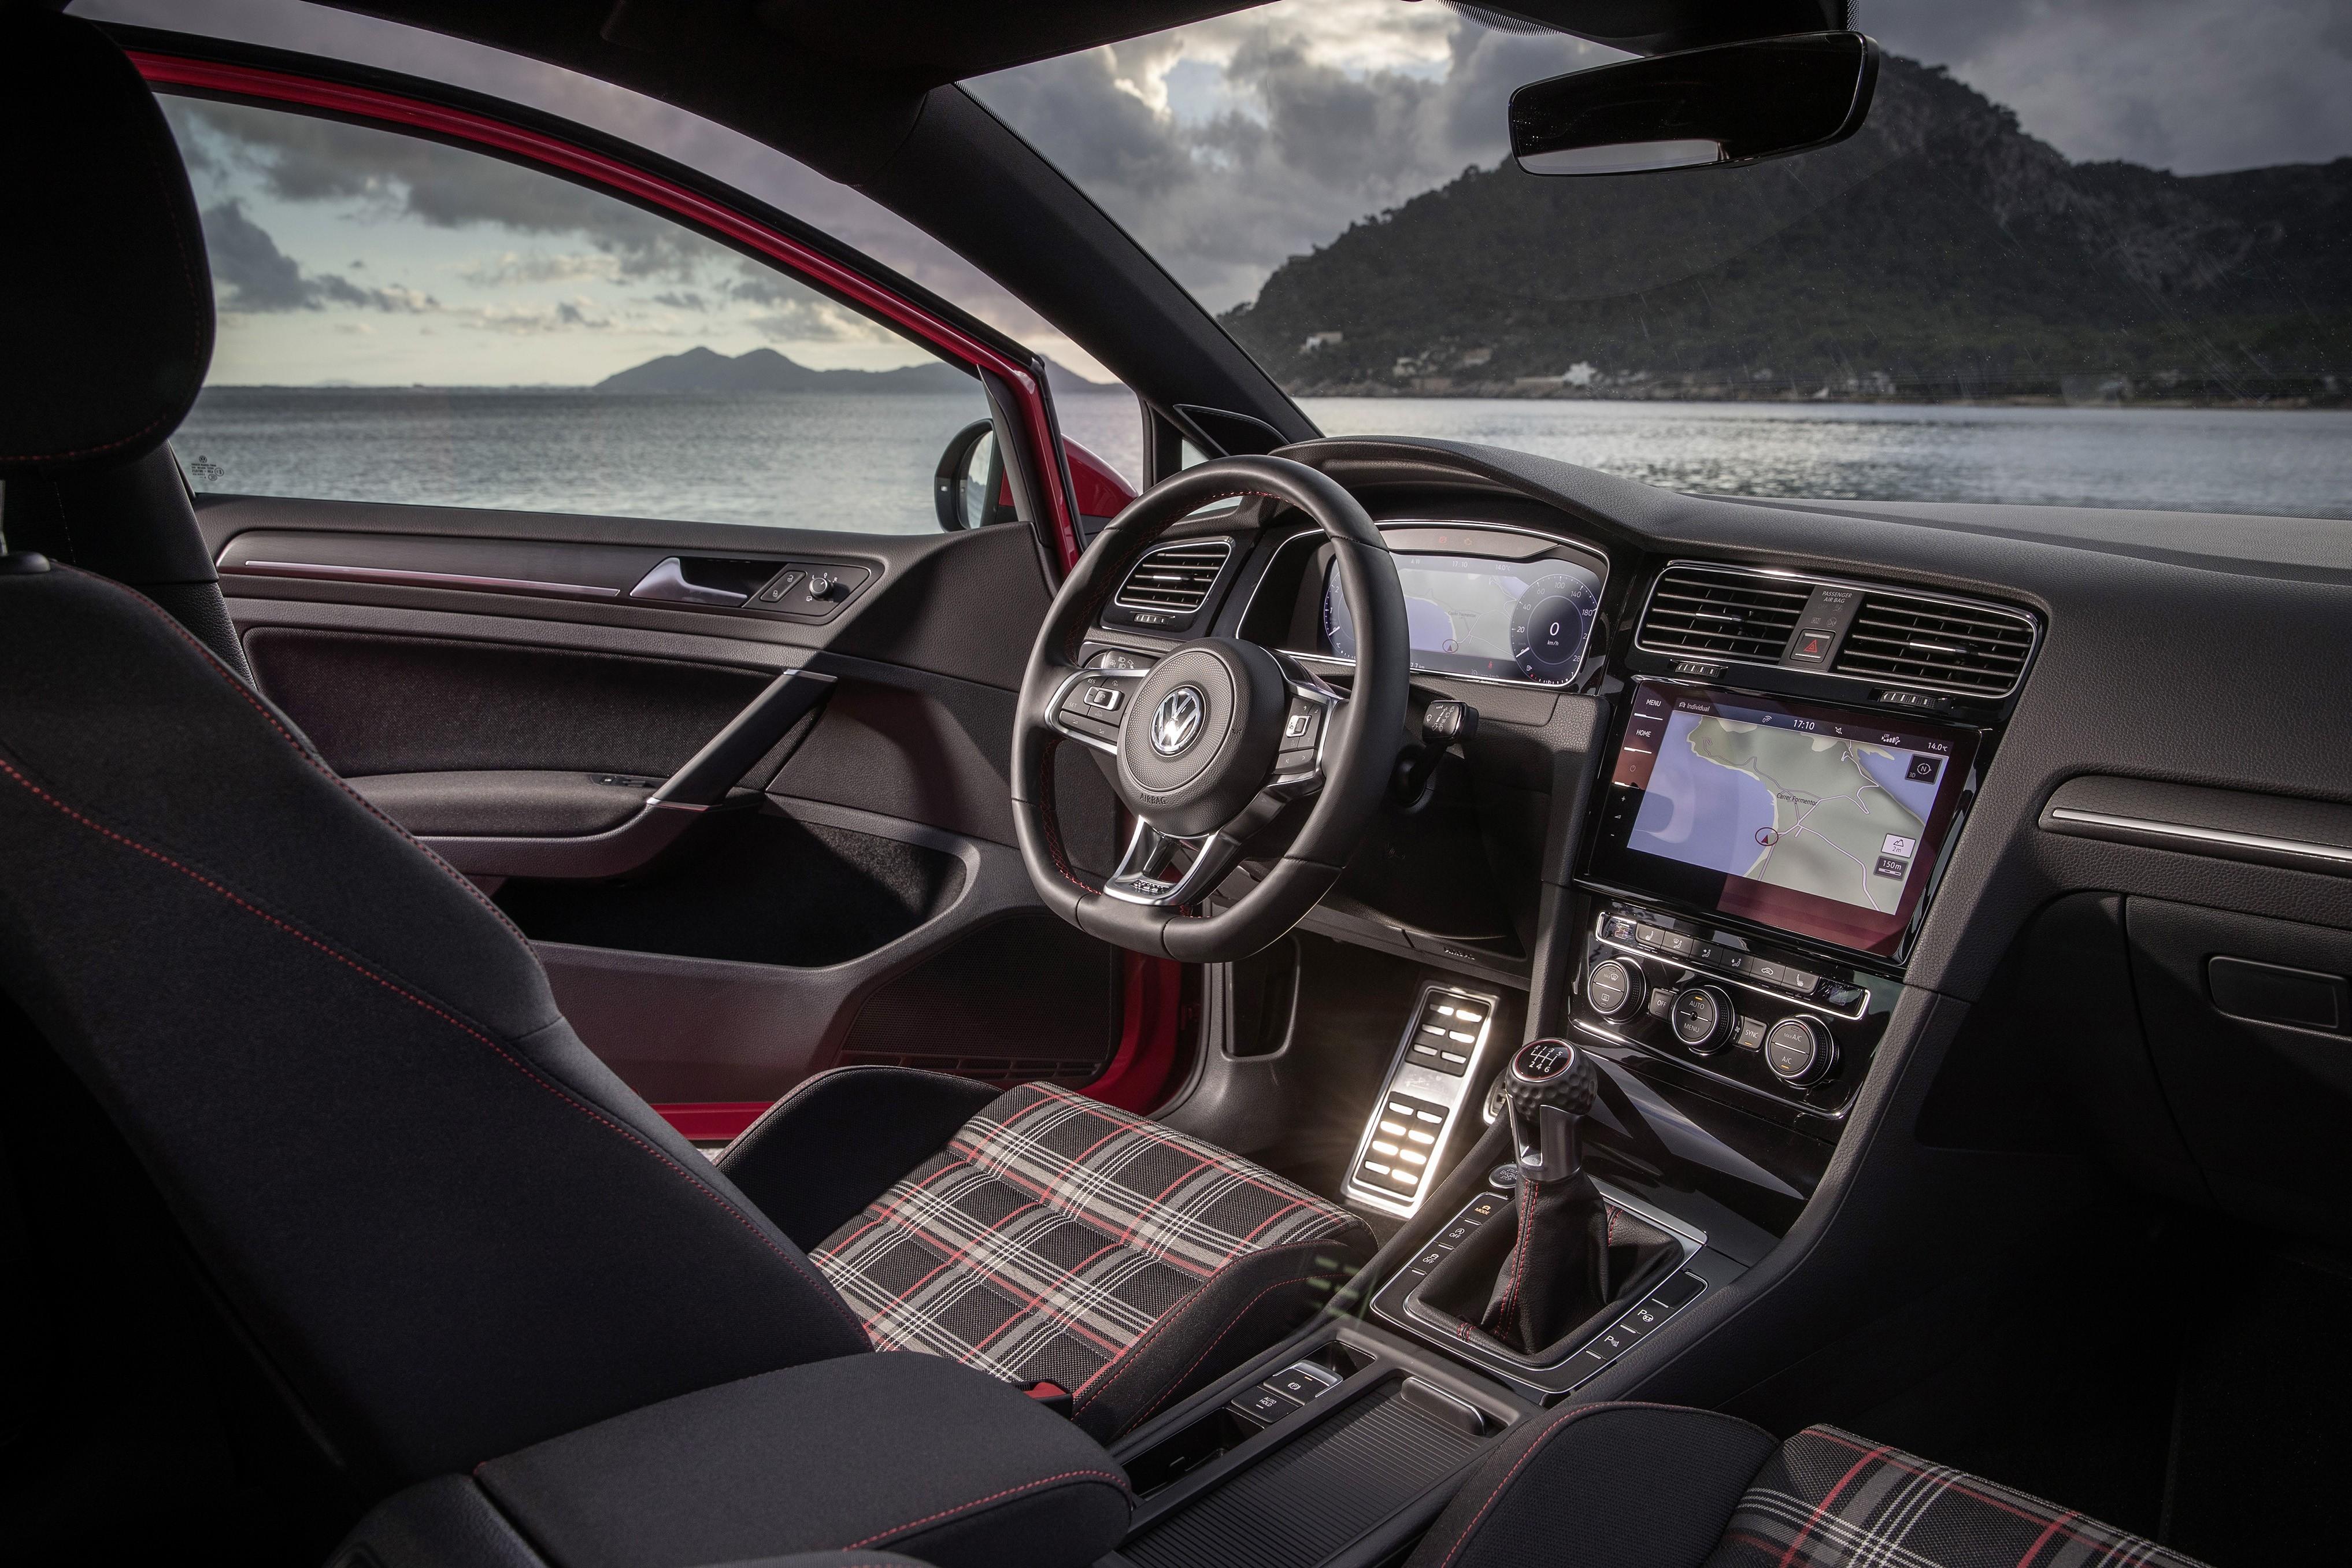 2018 volkswagen golf r interior. plain golf 2018 volkswagen golf gti inside volkswagen golf r interior